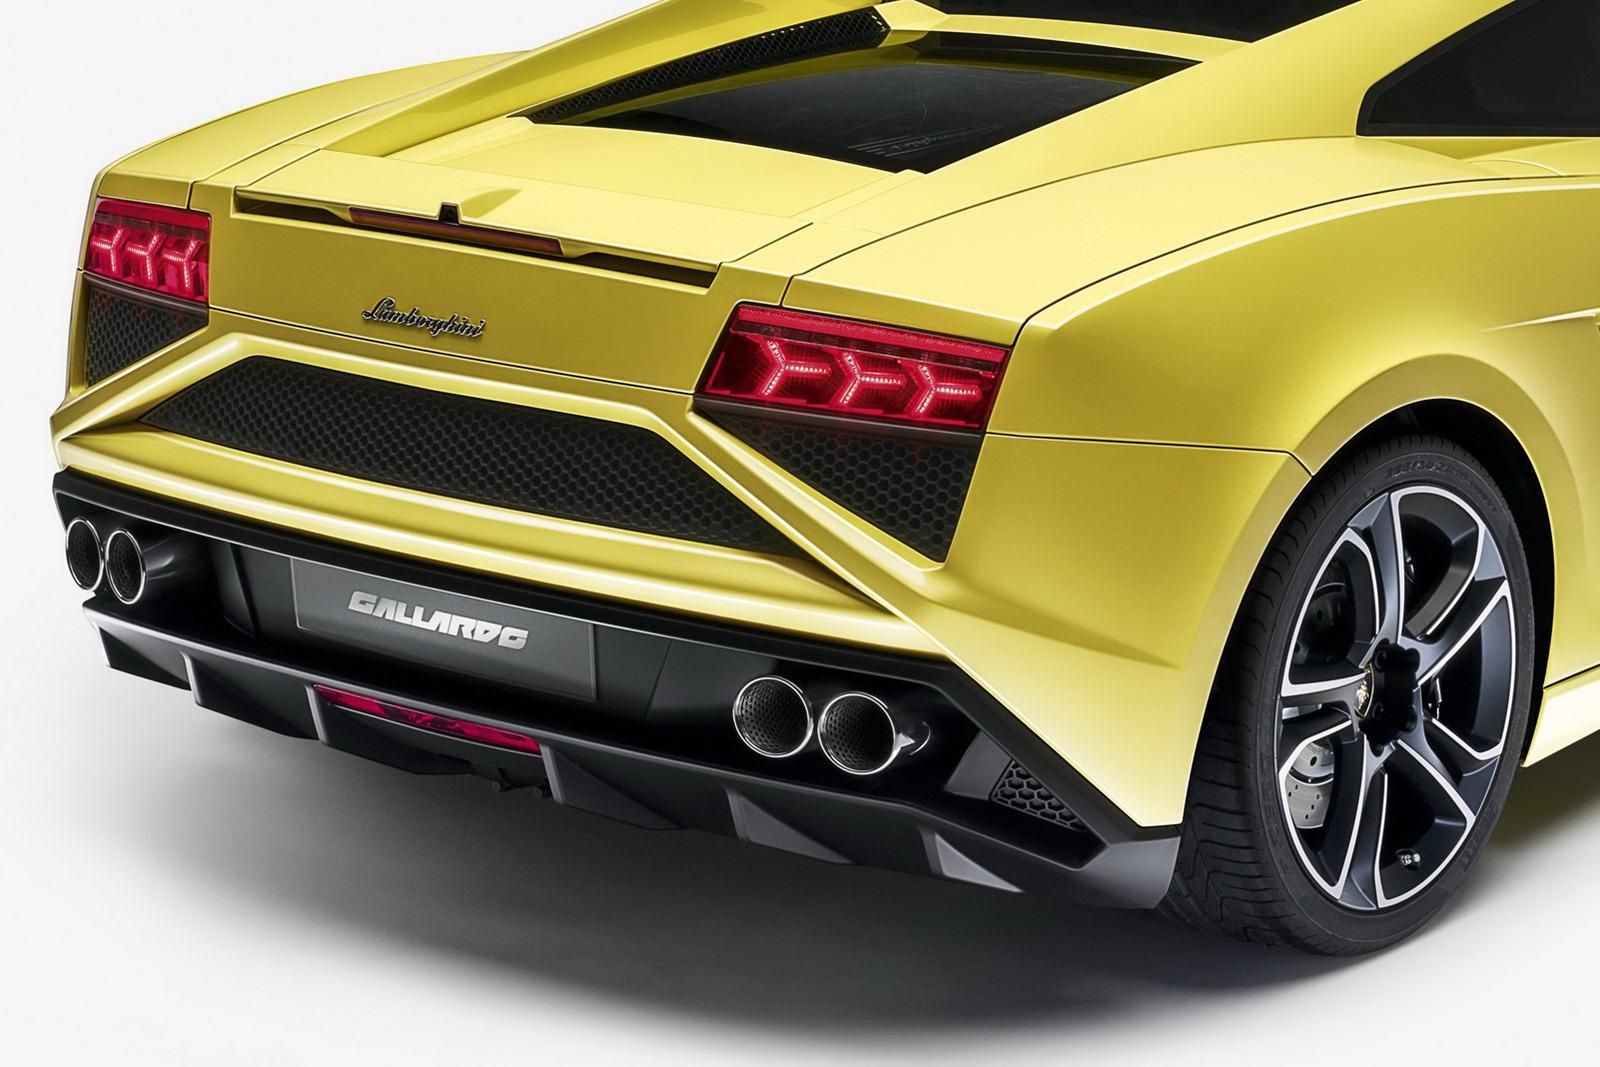 2013 Lamborghini Gallardo Lp560 4 Auto Cars Concept